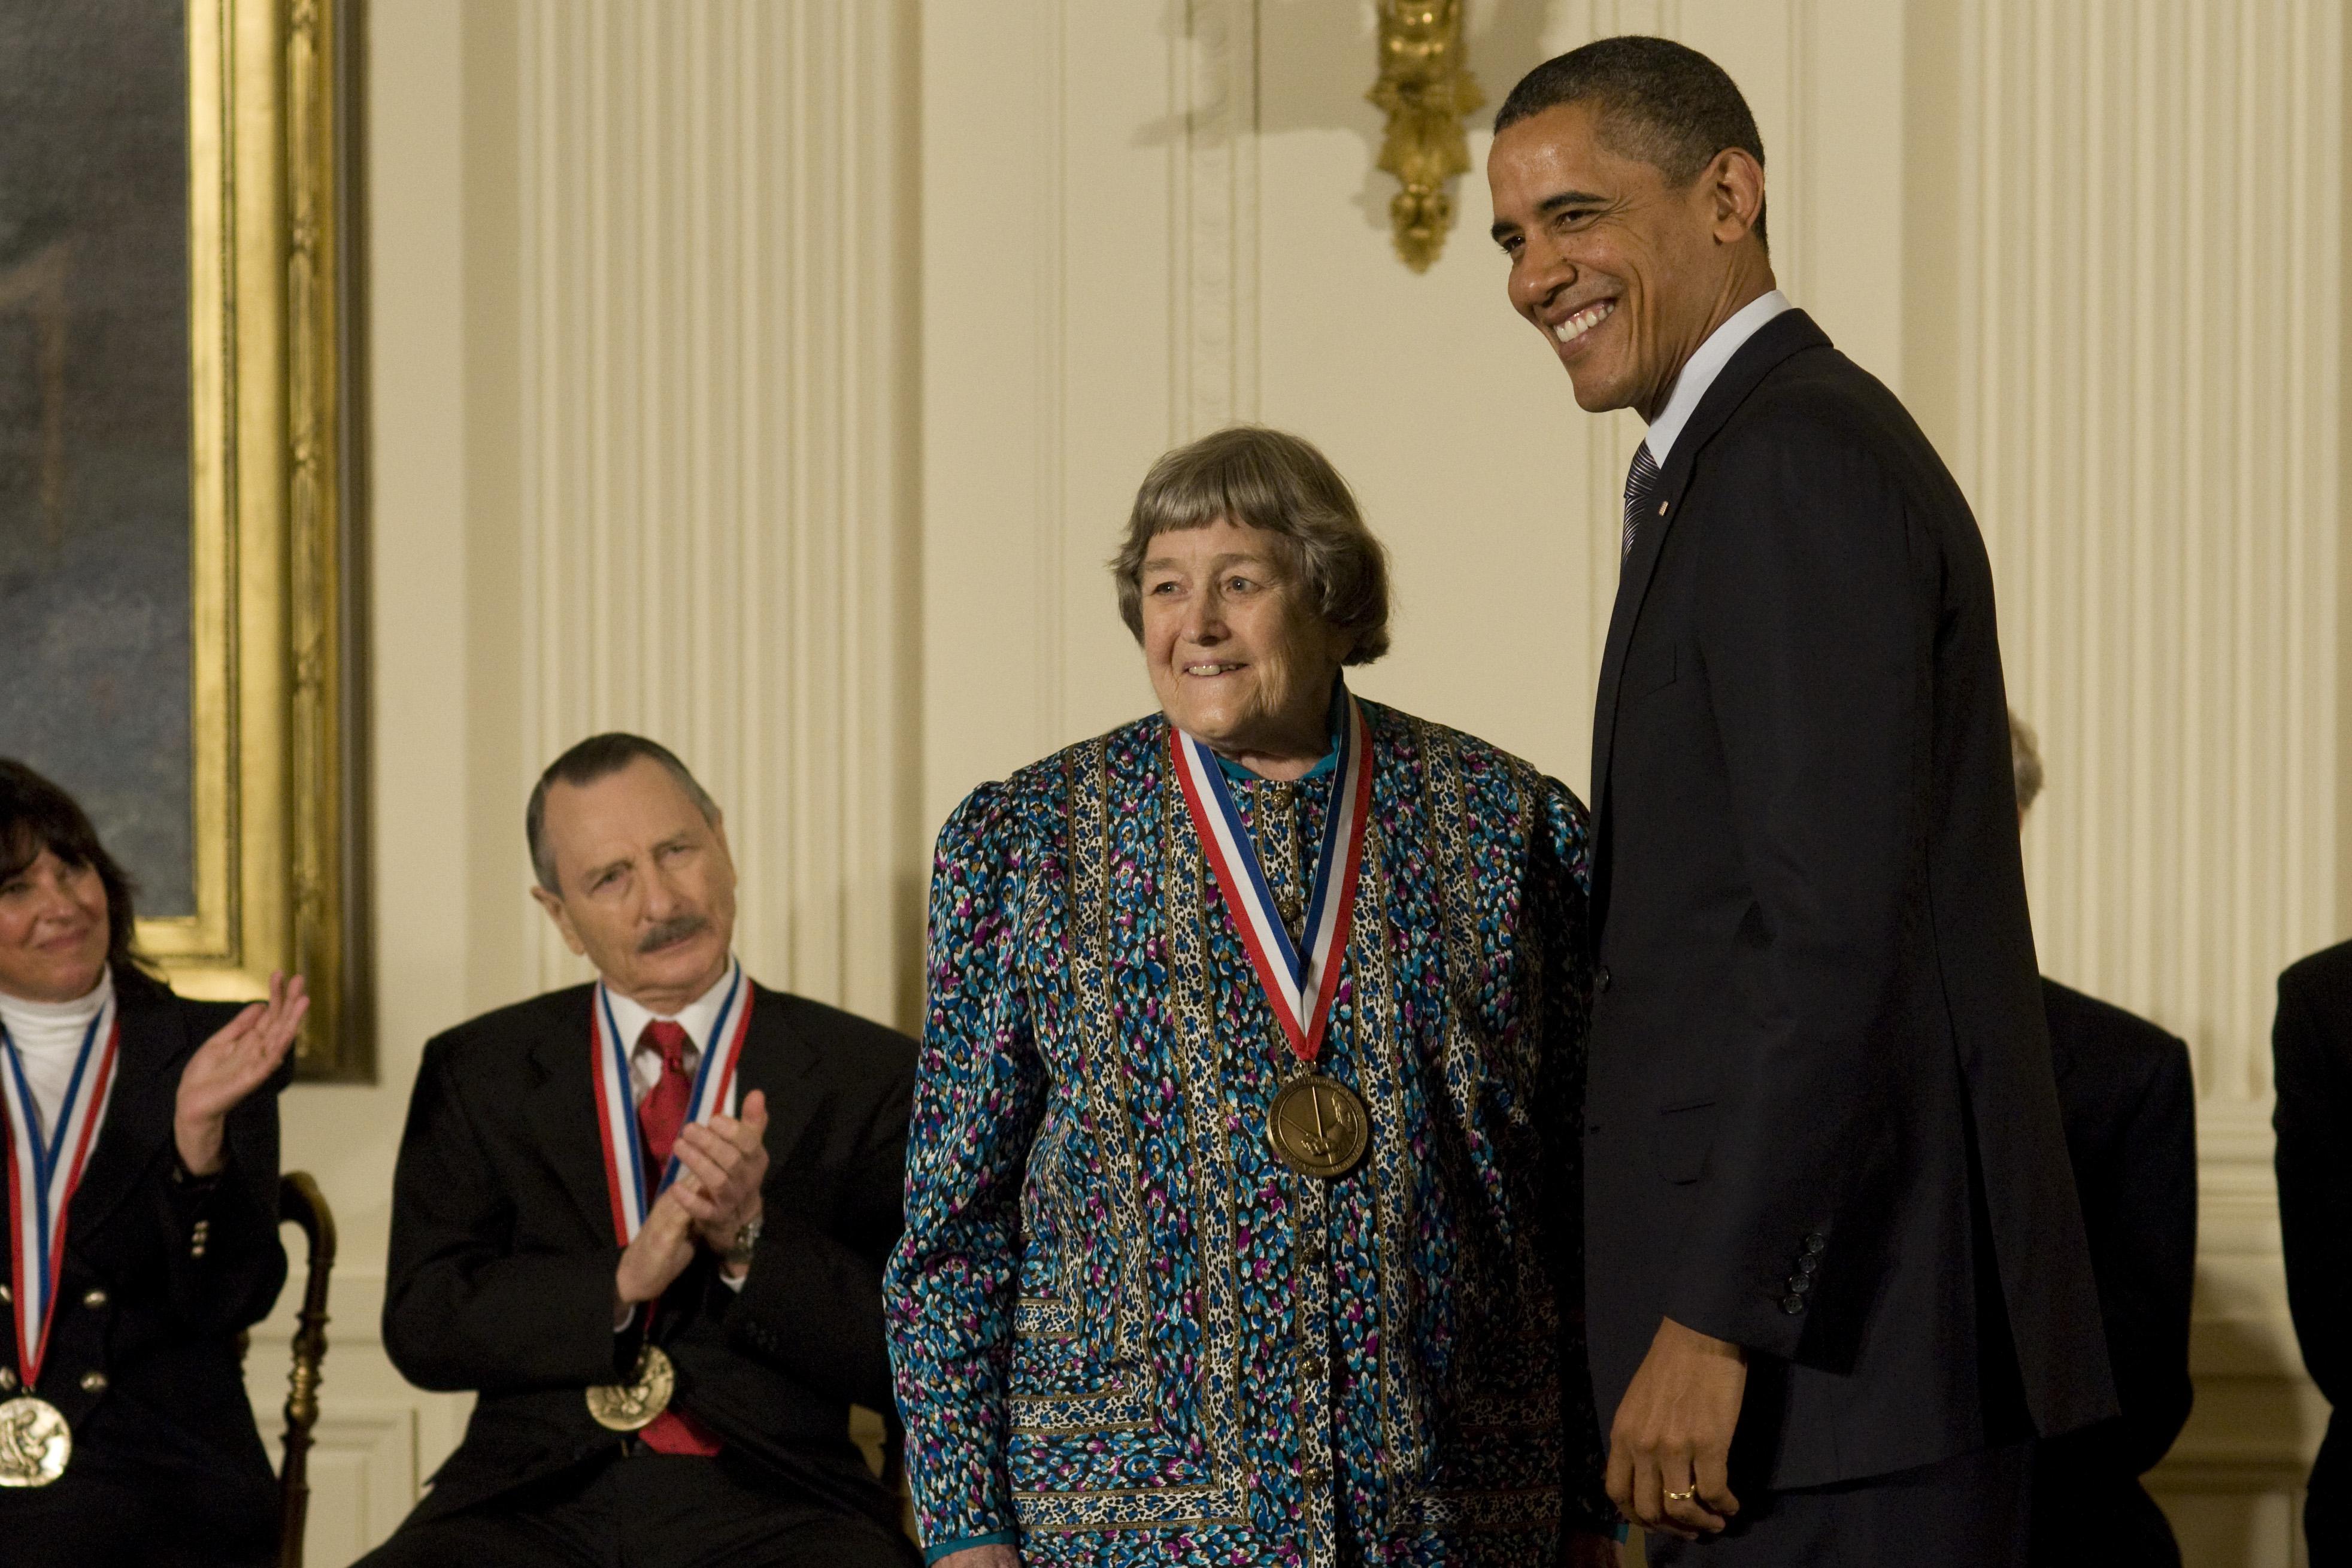 Pioneering Rocket Scientist Yvonne Brill Dies at 88